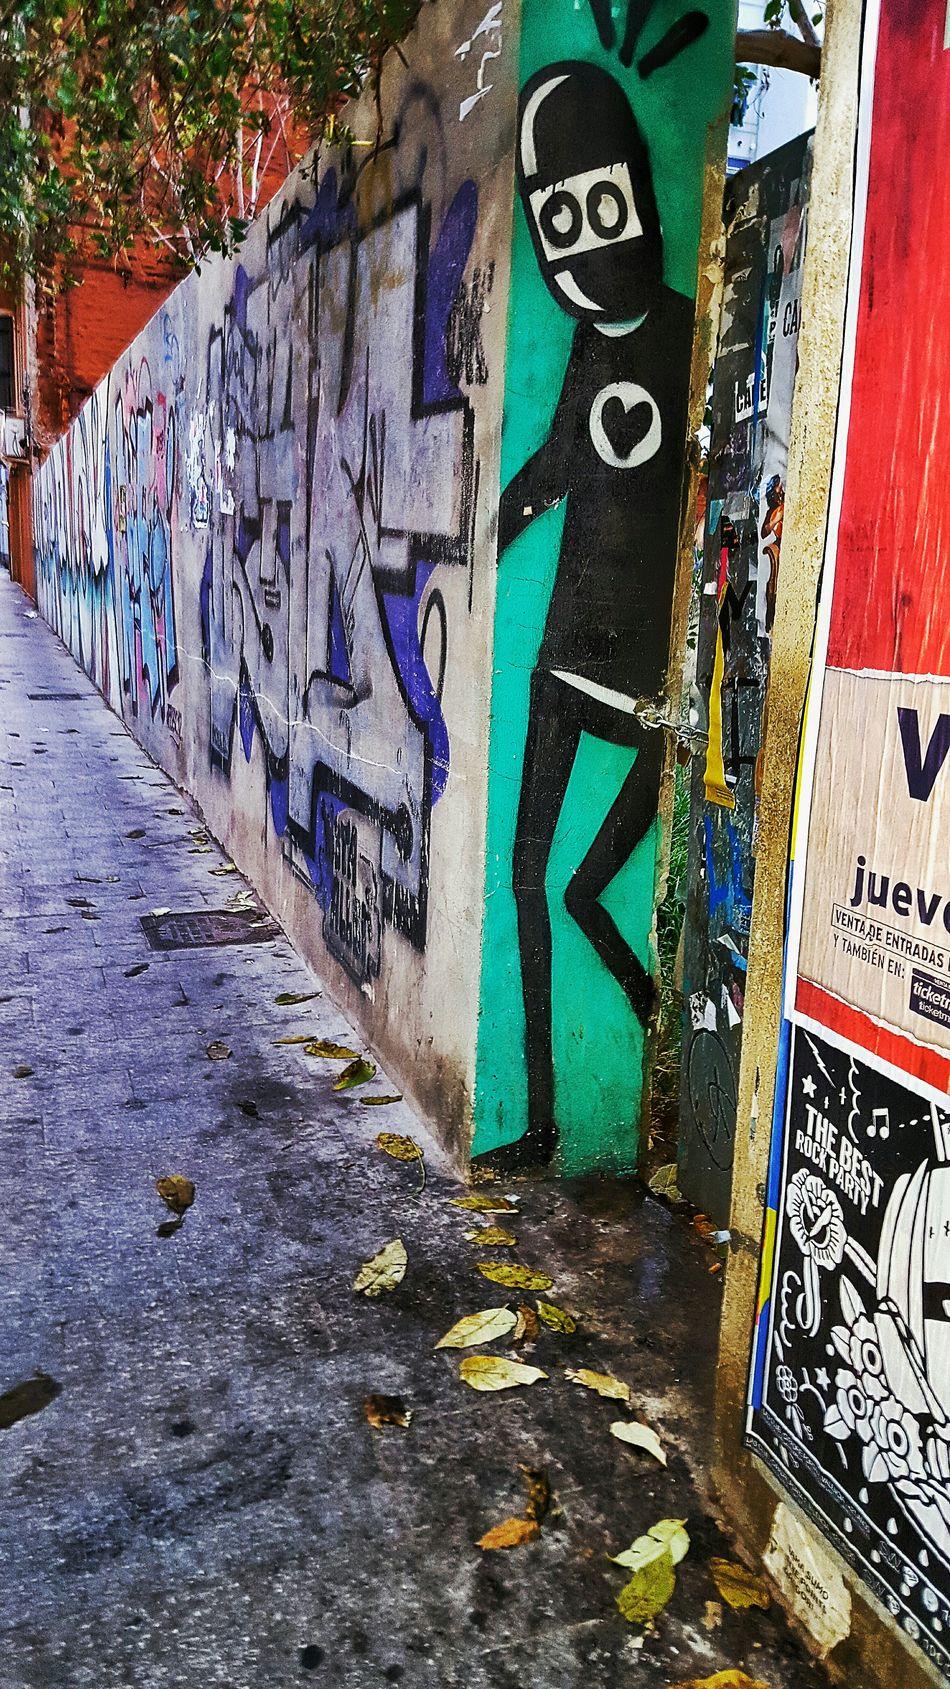 David De Limon Graffiti Graffiti Art Grafiti Grafity Grafiti Art Grafitiart Grafities Grafitis Grafitty Grafitti Art. Grafitti